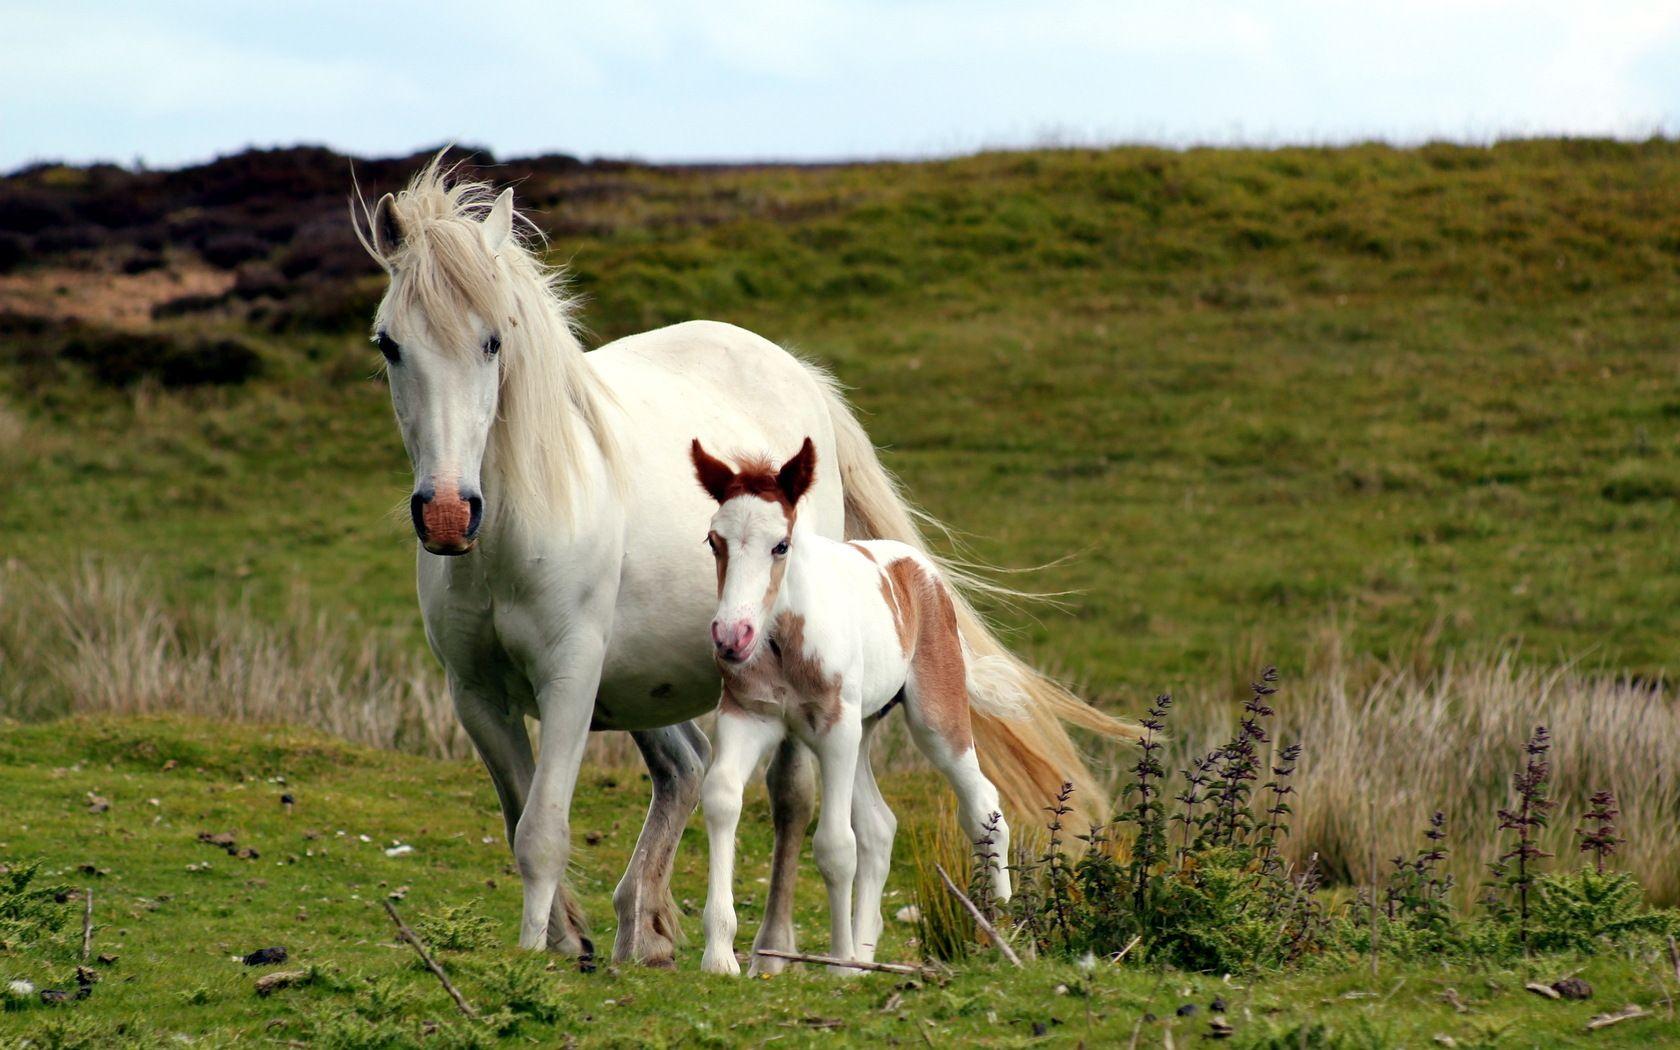 Kootation Com Horses Beautiful Horses Cute Horses